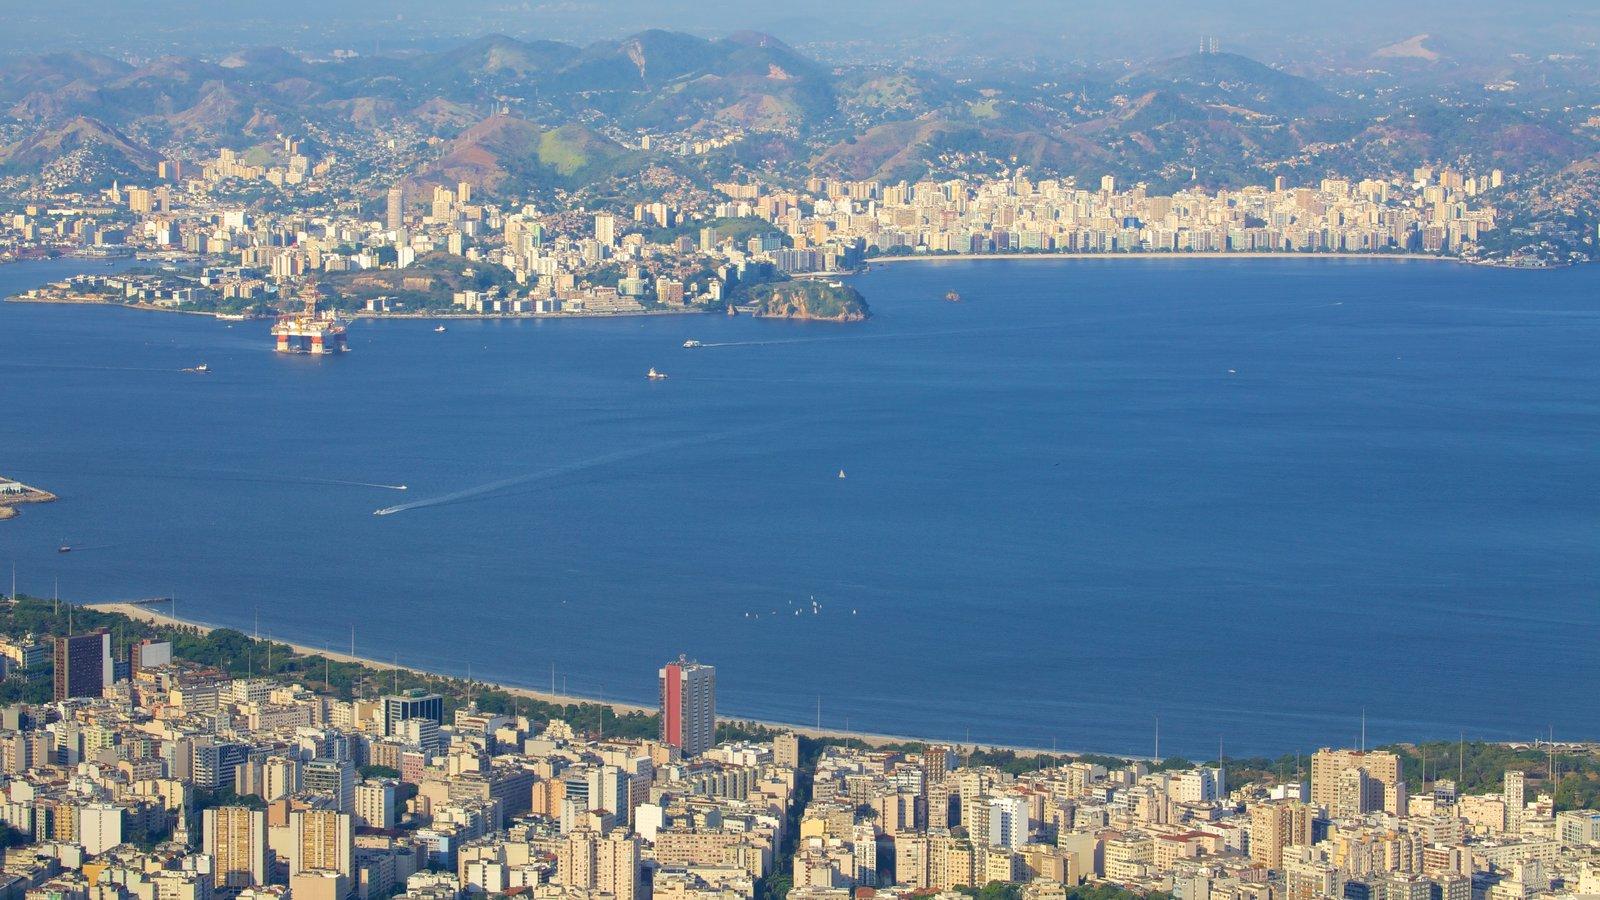 Corcovado que inclui paisagens litorâneas e uma cidade